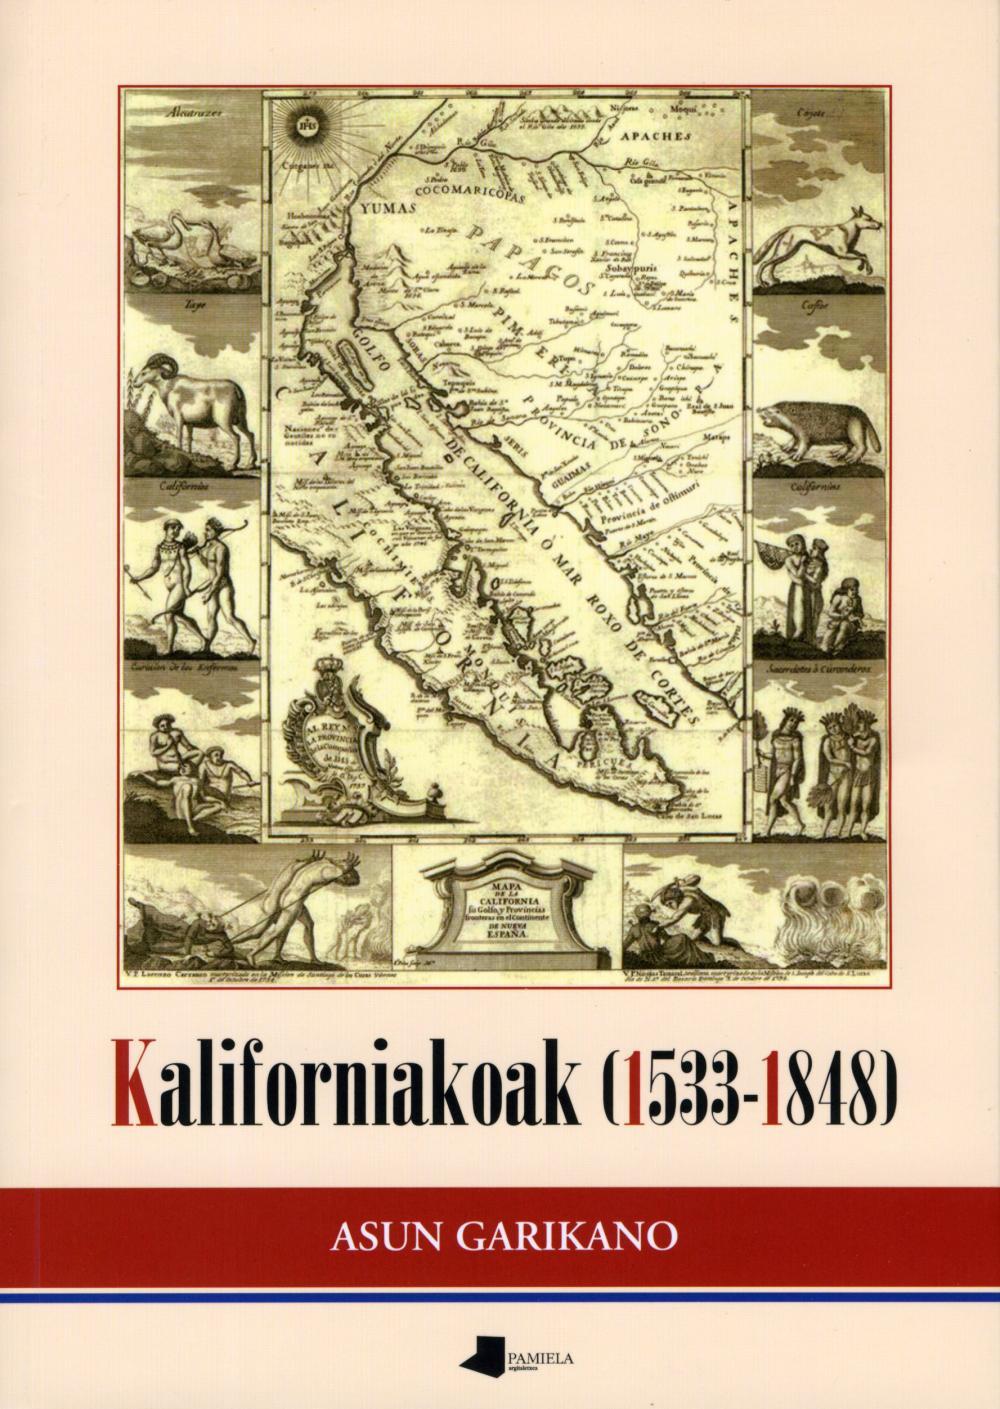 Kaliforniakoak (1533-1848)